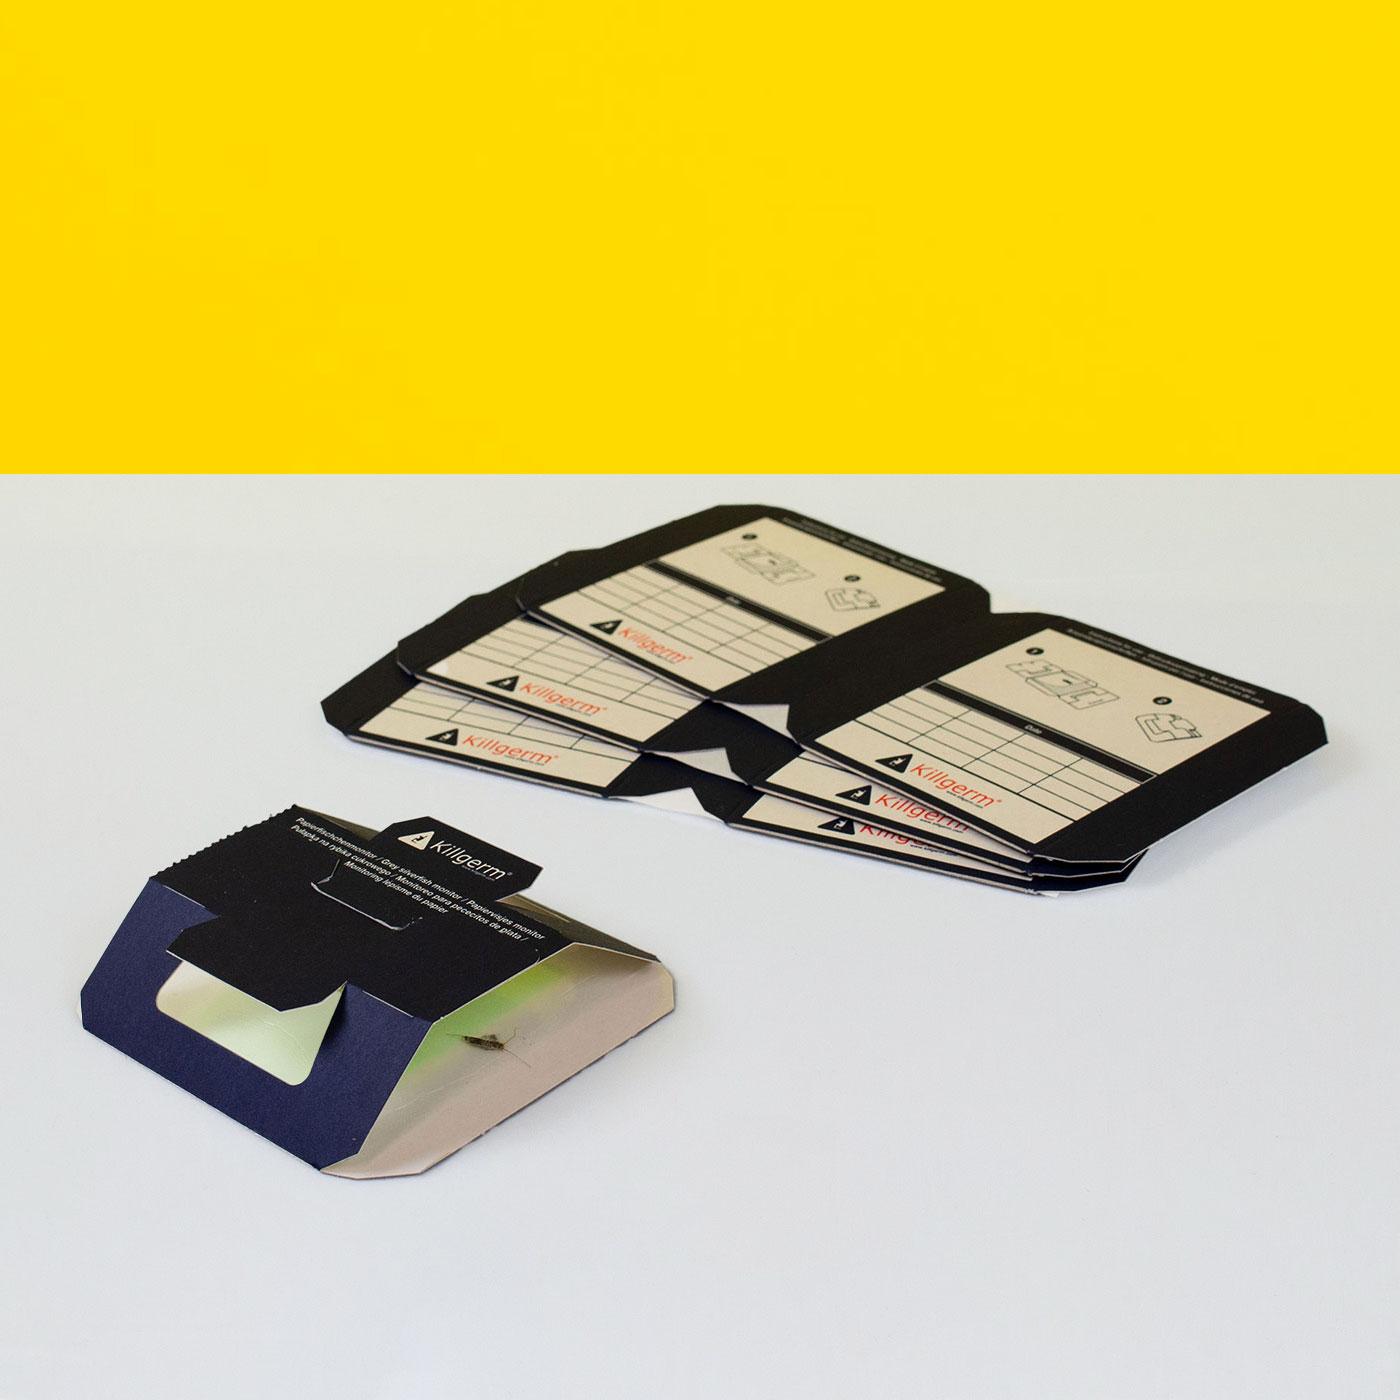 Killgerm® Papierfischchenmonitor für IPM Monitoring